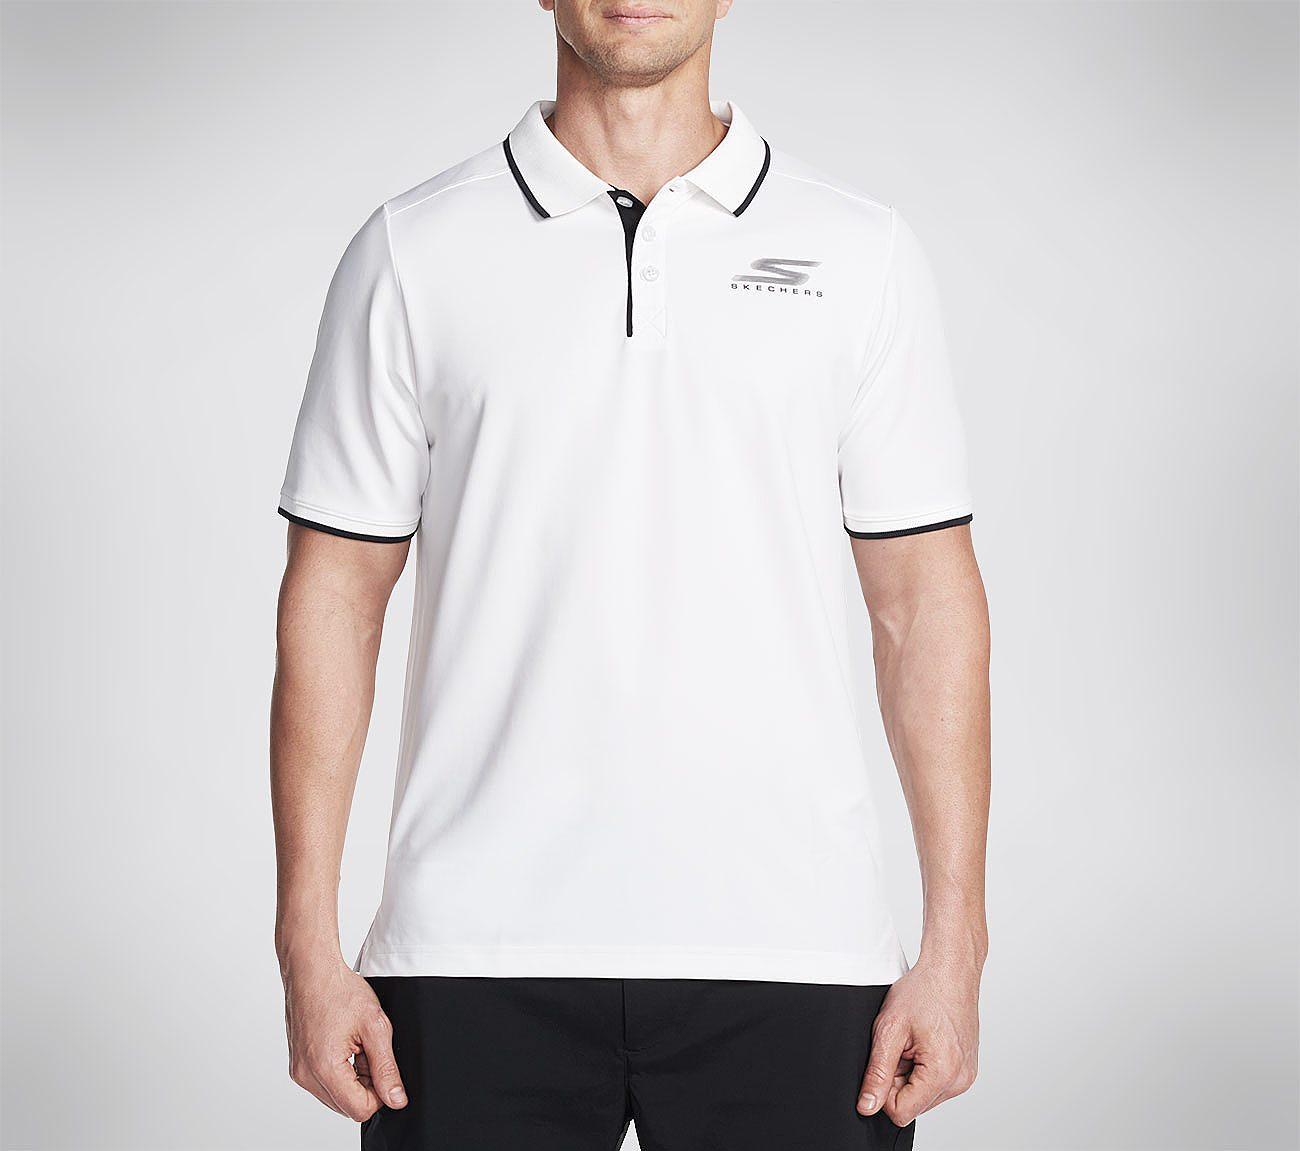 Skechers GO GOLF Albatross Polo Shirt